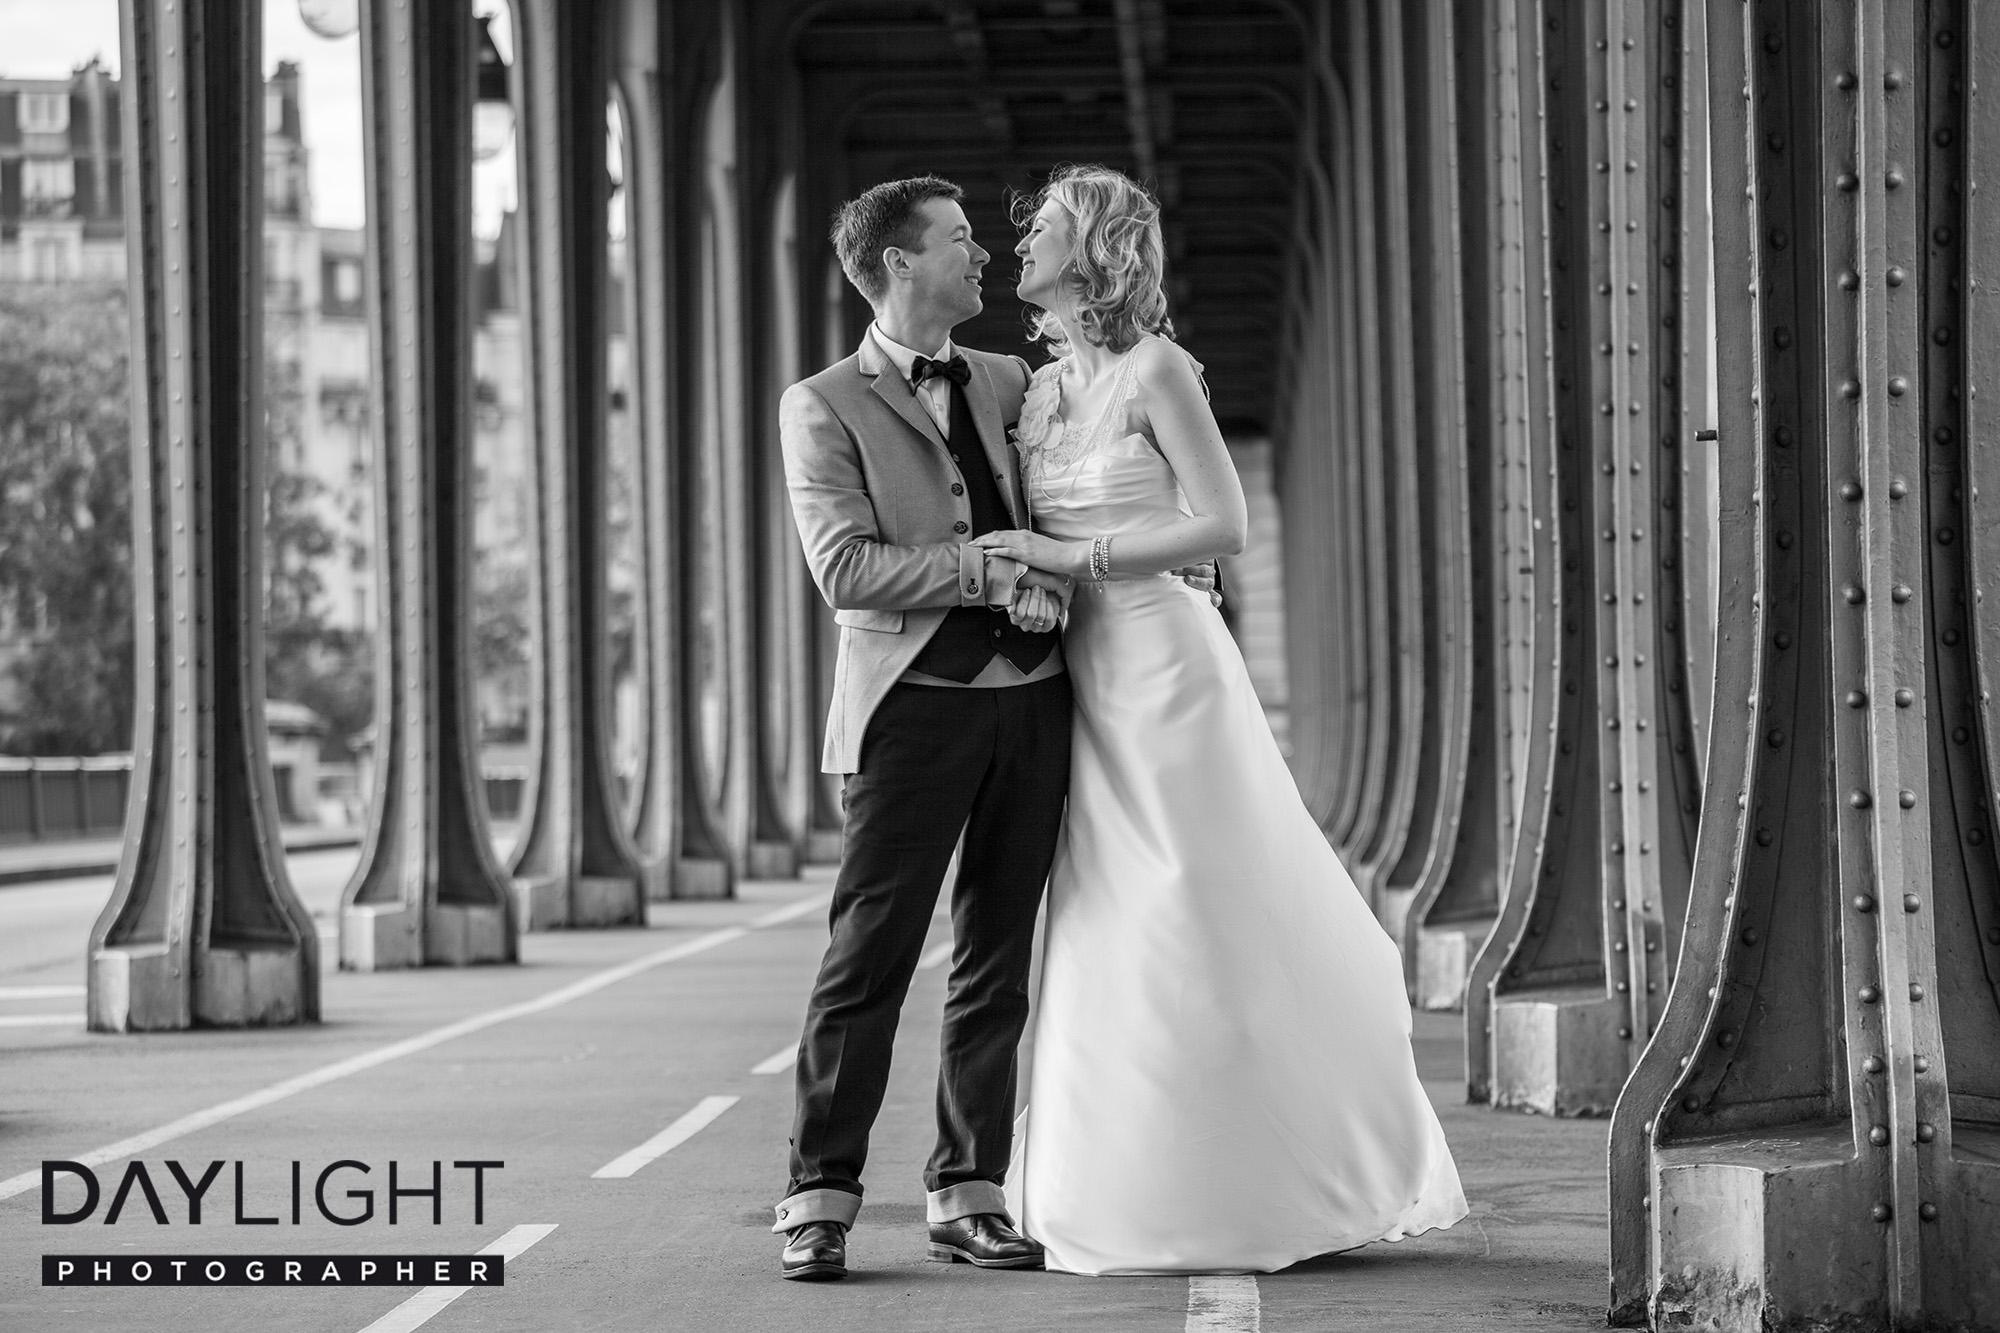 hochzeitsshooting paris buchen Hochzeitsfotografen gibt es in jeder Stadt, doch nur die Besten gibts bei uns!